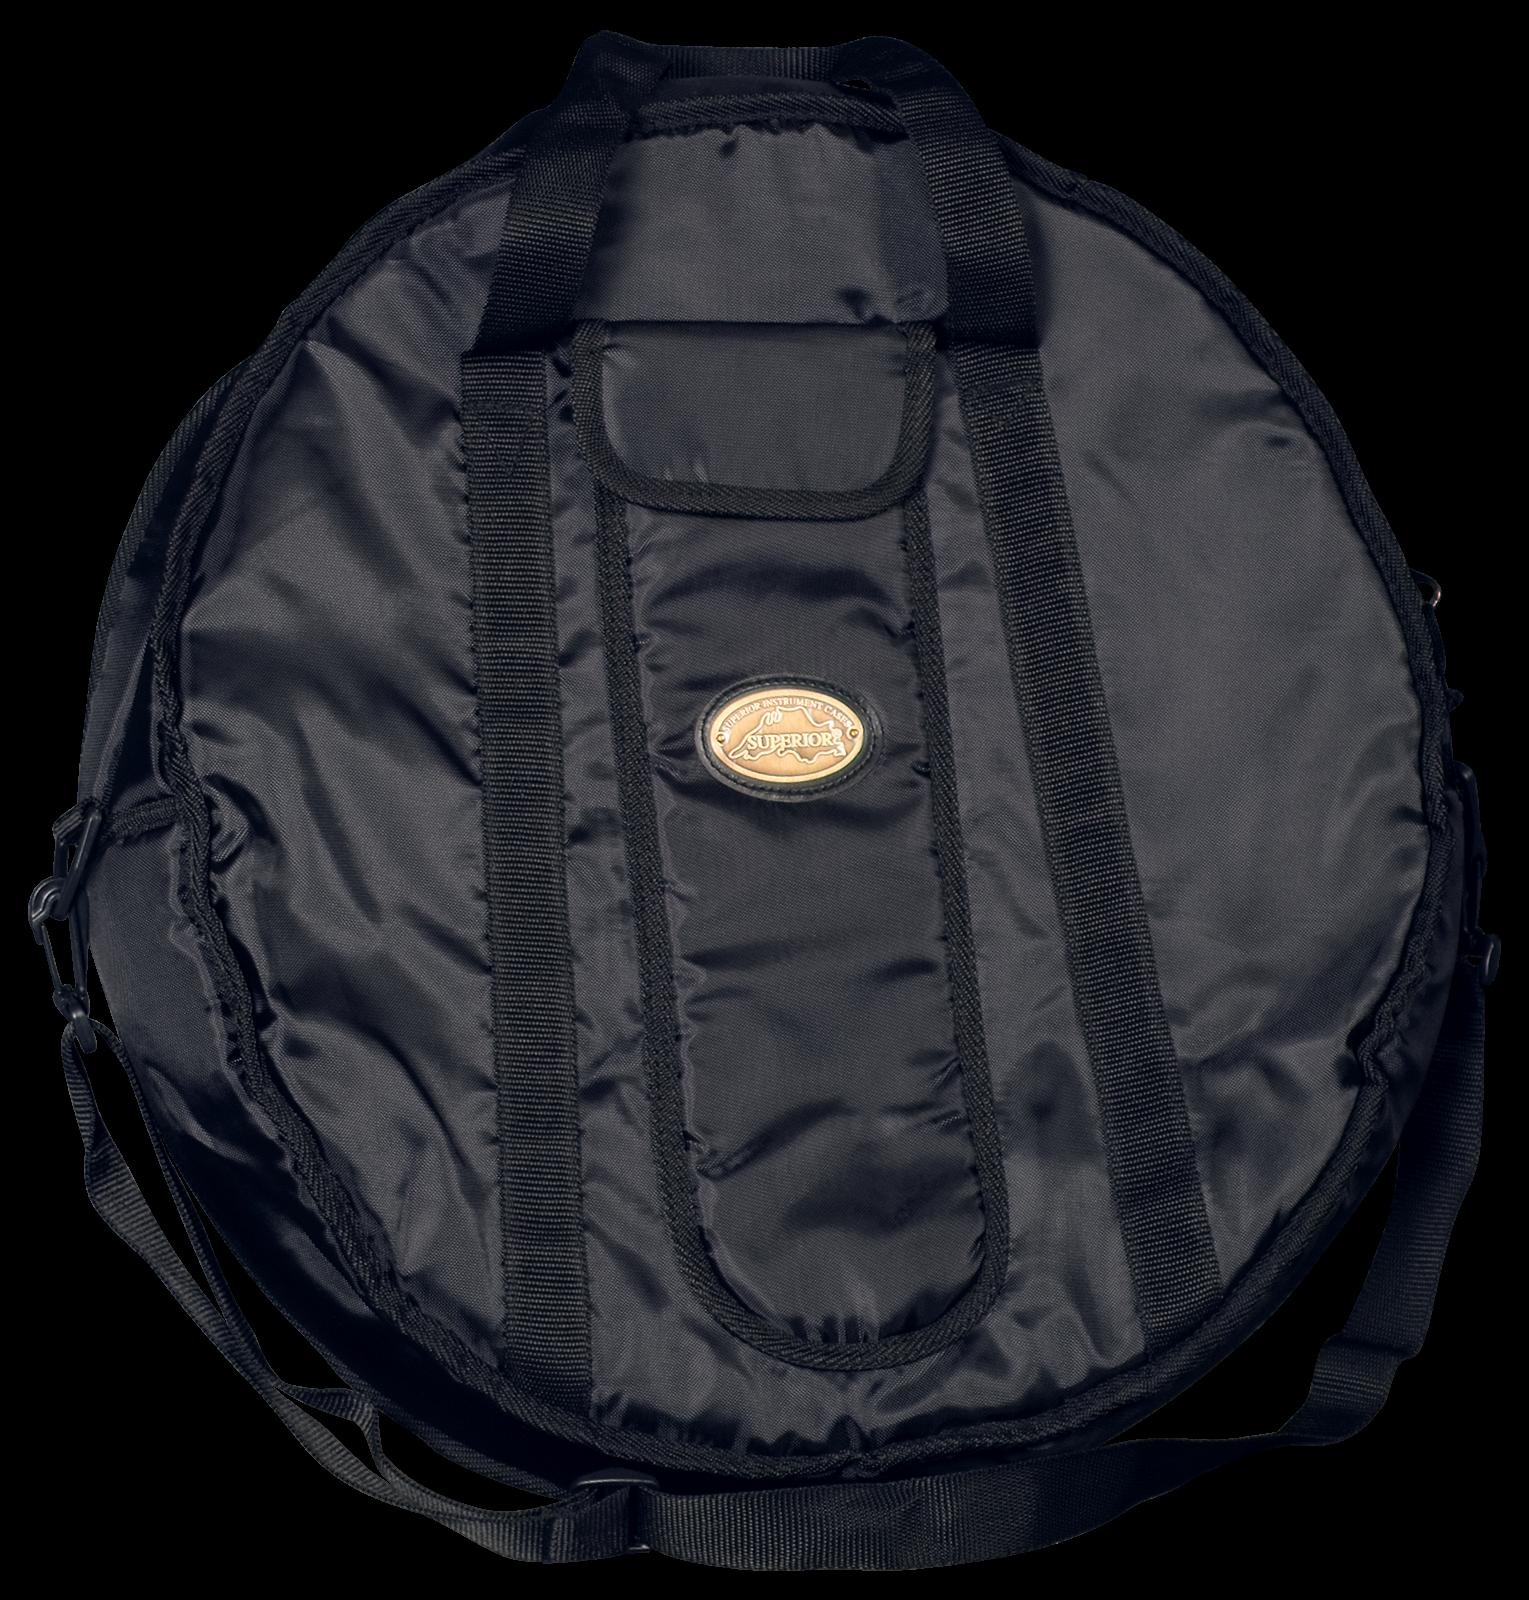 Superior Bodhran Bag 18